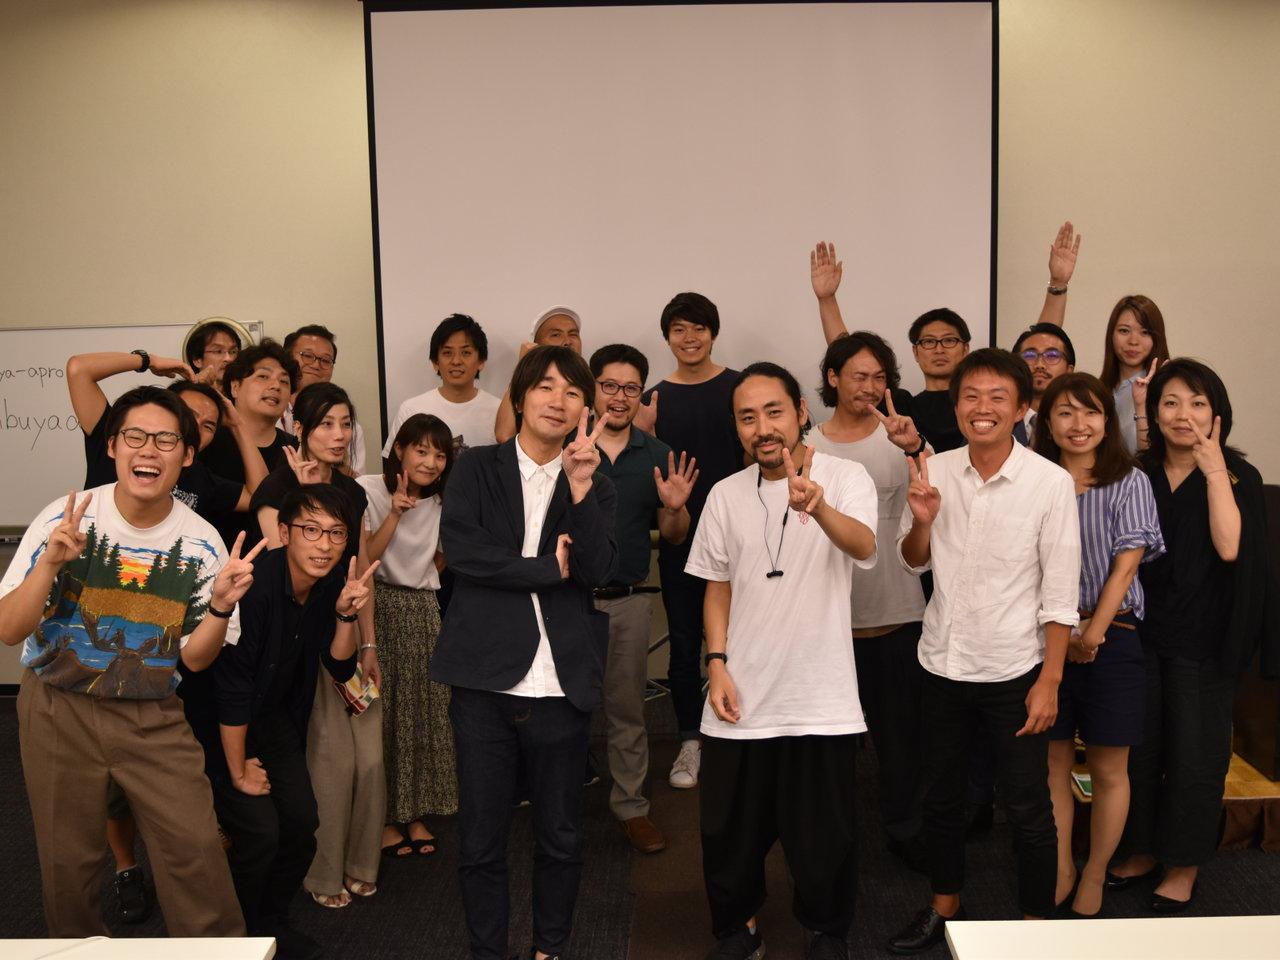 ソトコトオンラインサロン特別対談、ありがとうございました!